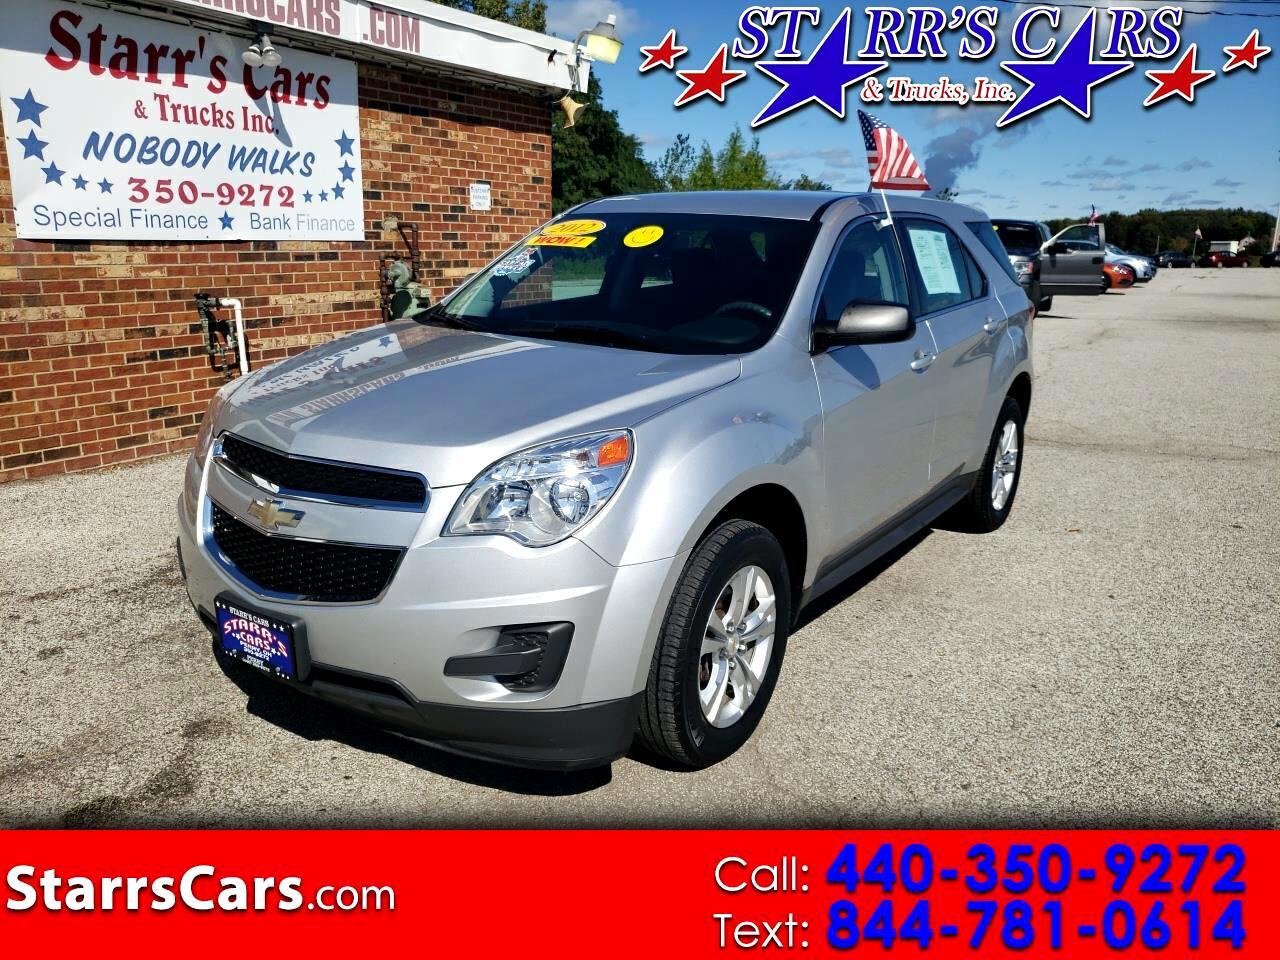 Chevrolet Equinox FWD 4dr LS 2012